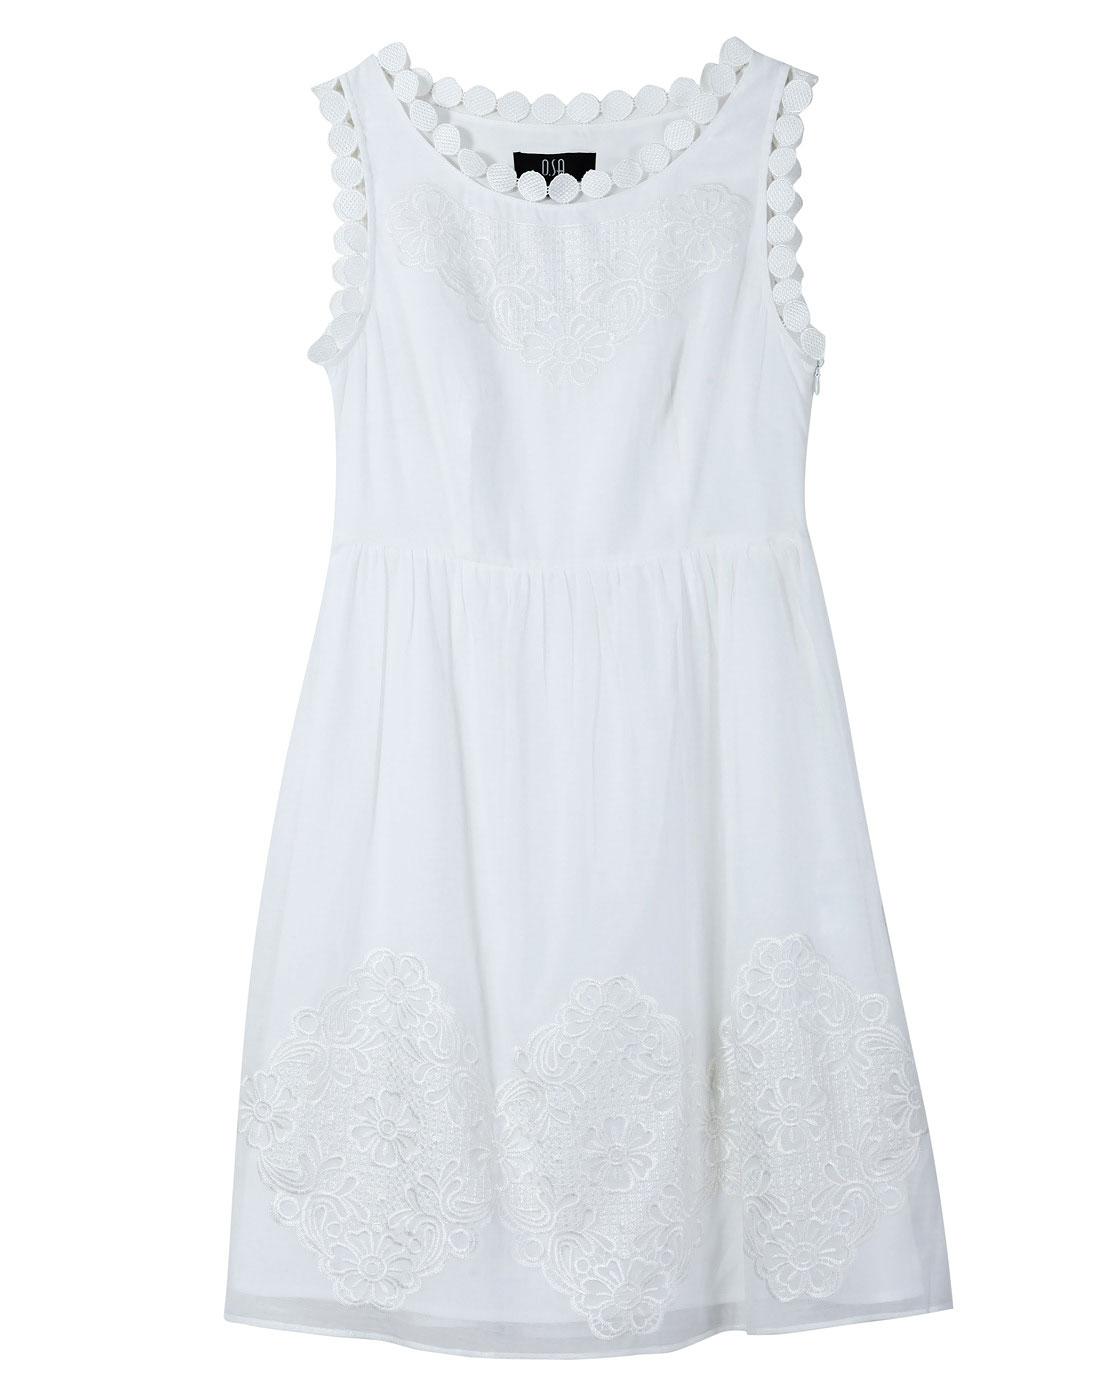 sa白色刺绣花边连衣裙sl234542000a